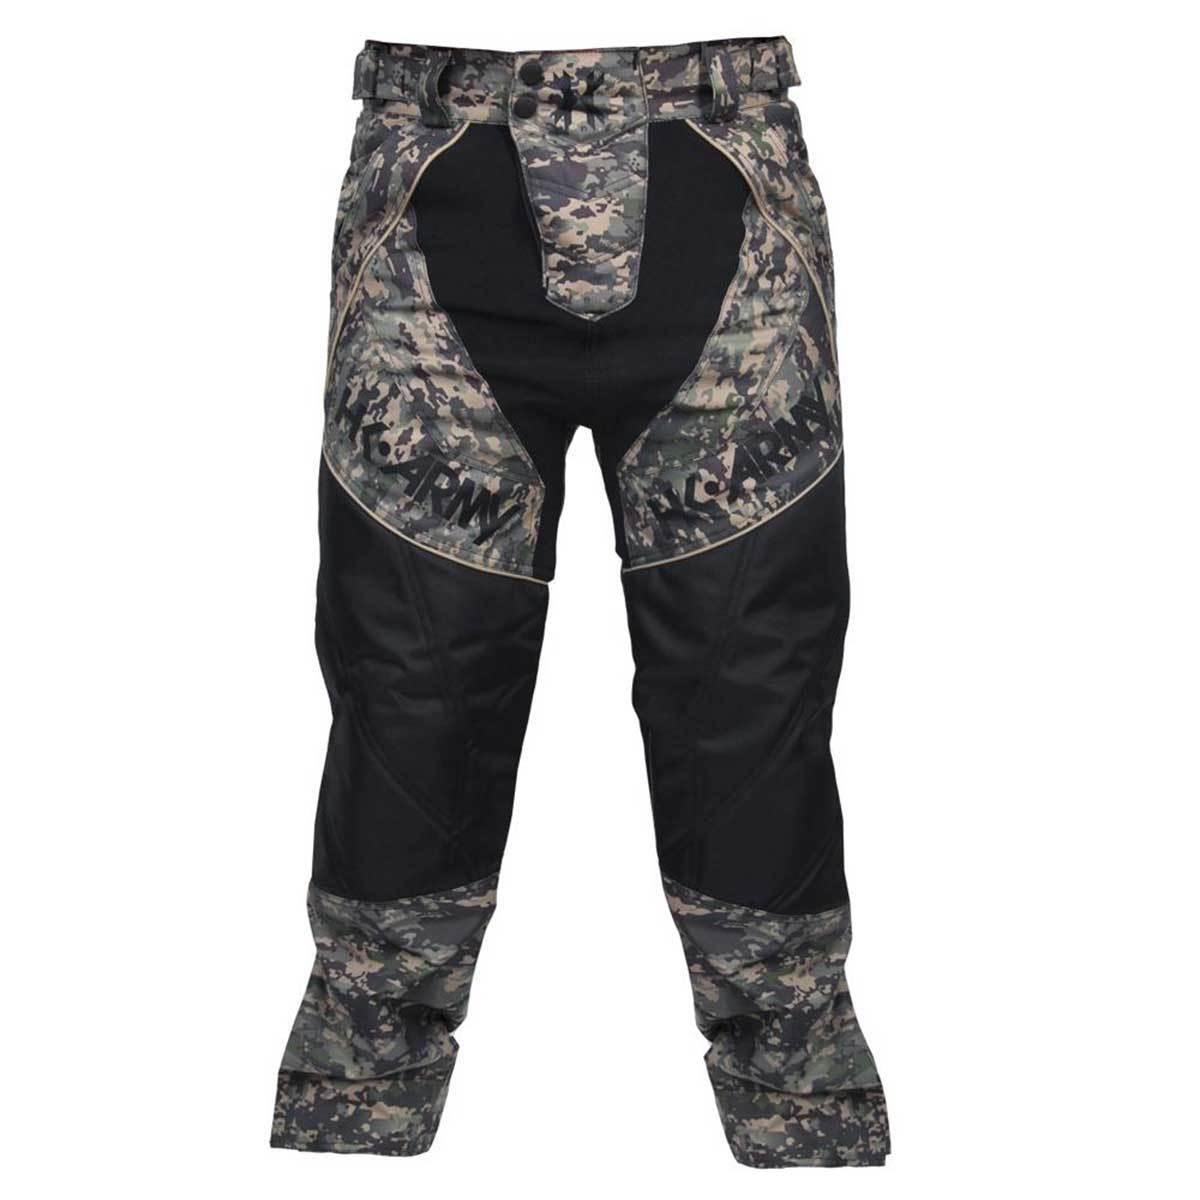 HK Army HSTL Line Pants - Camo - 2X